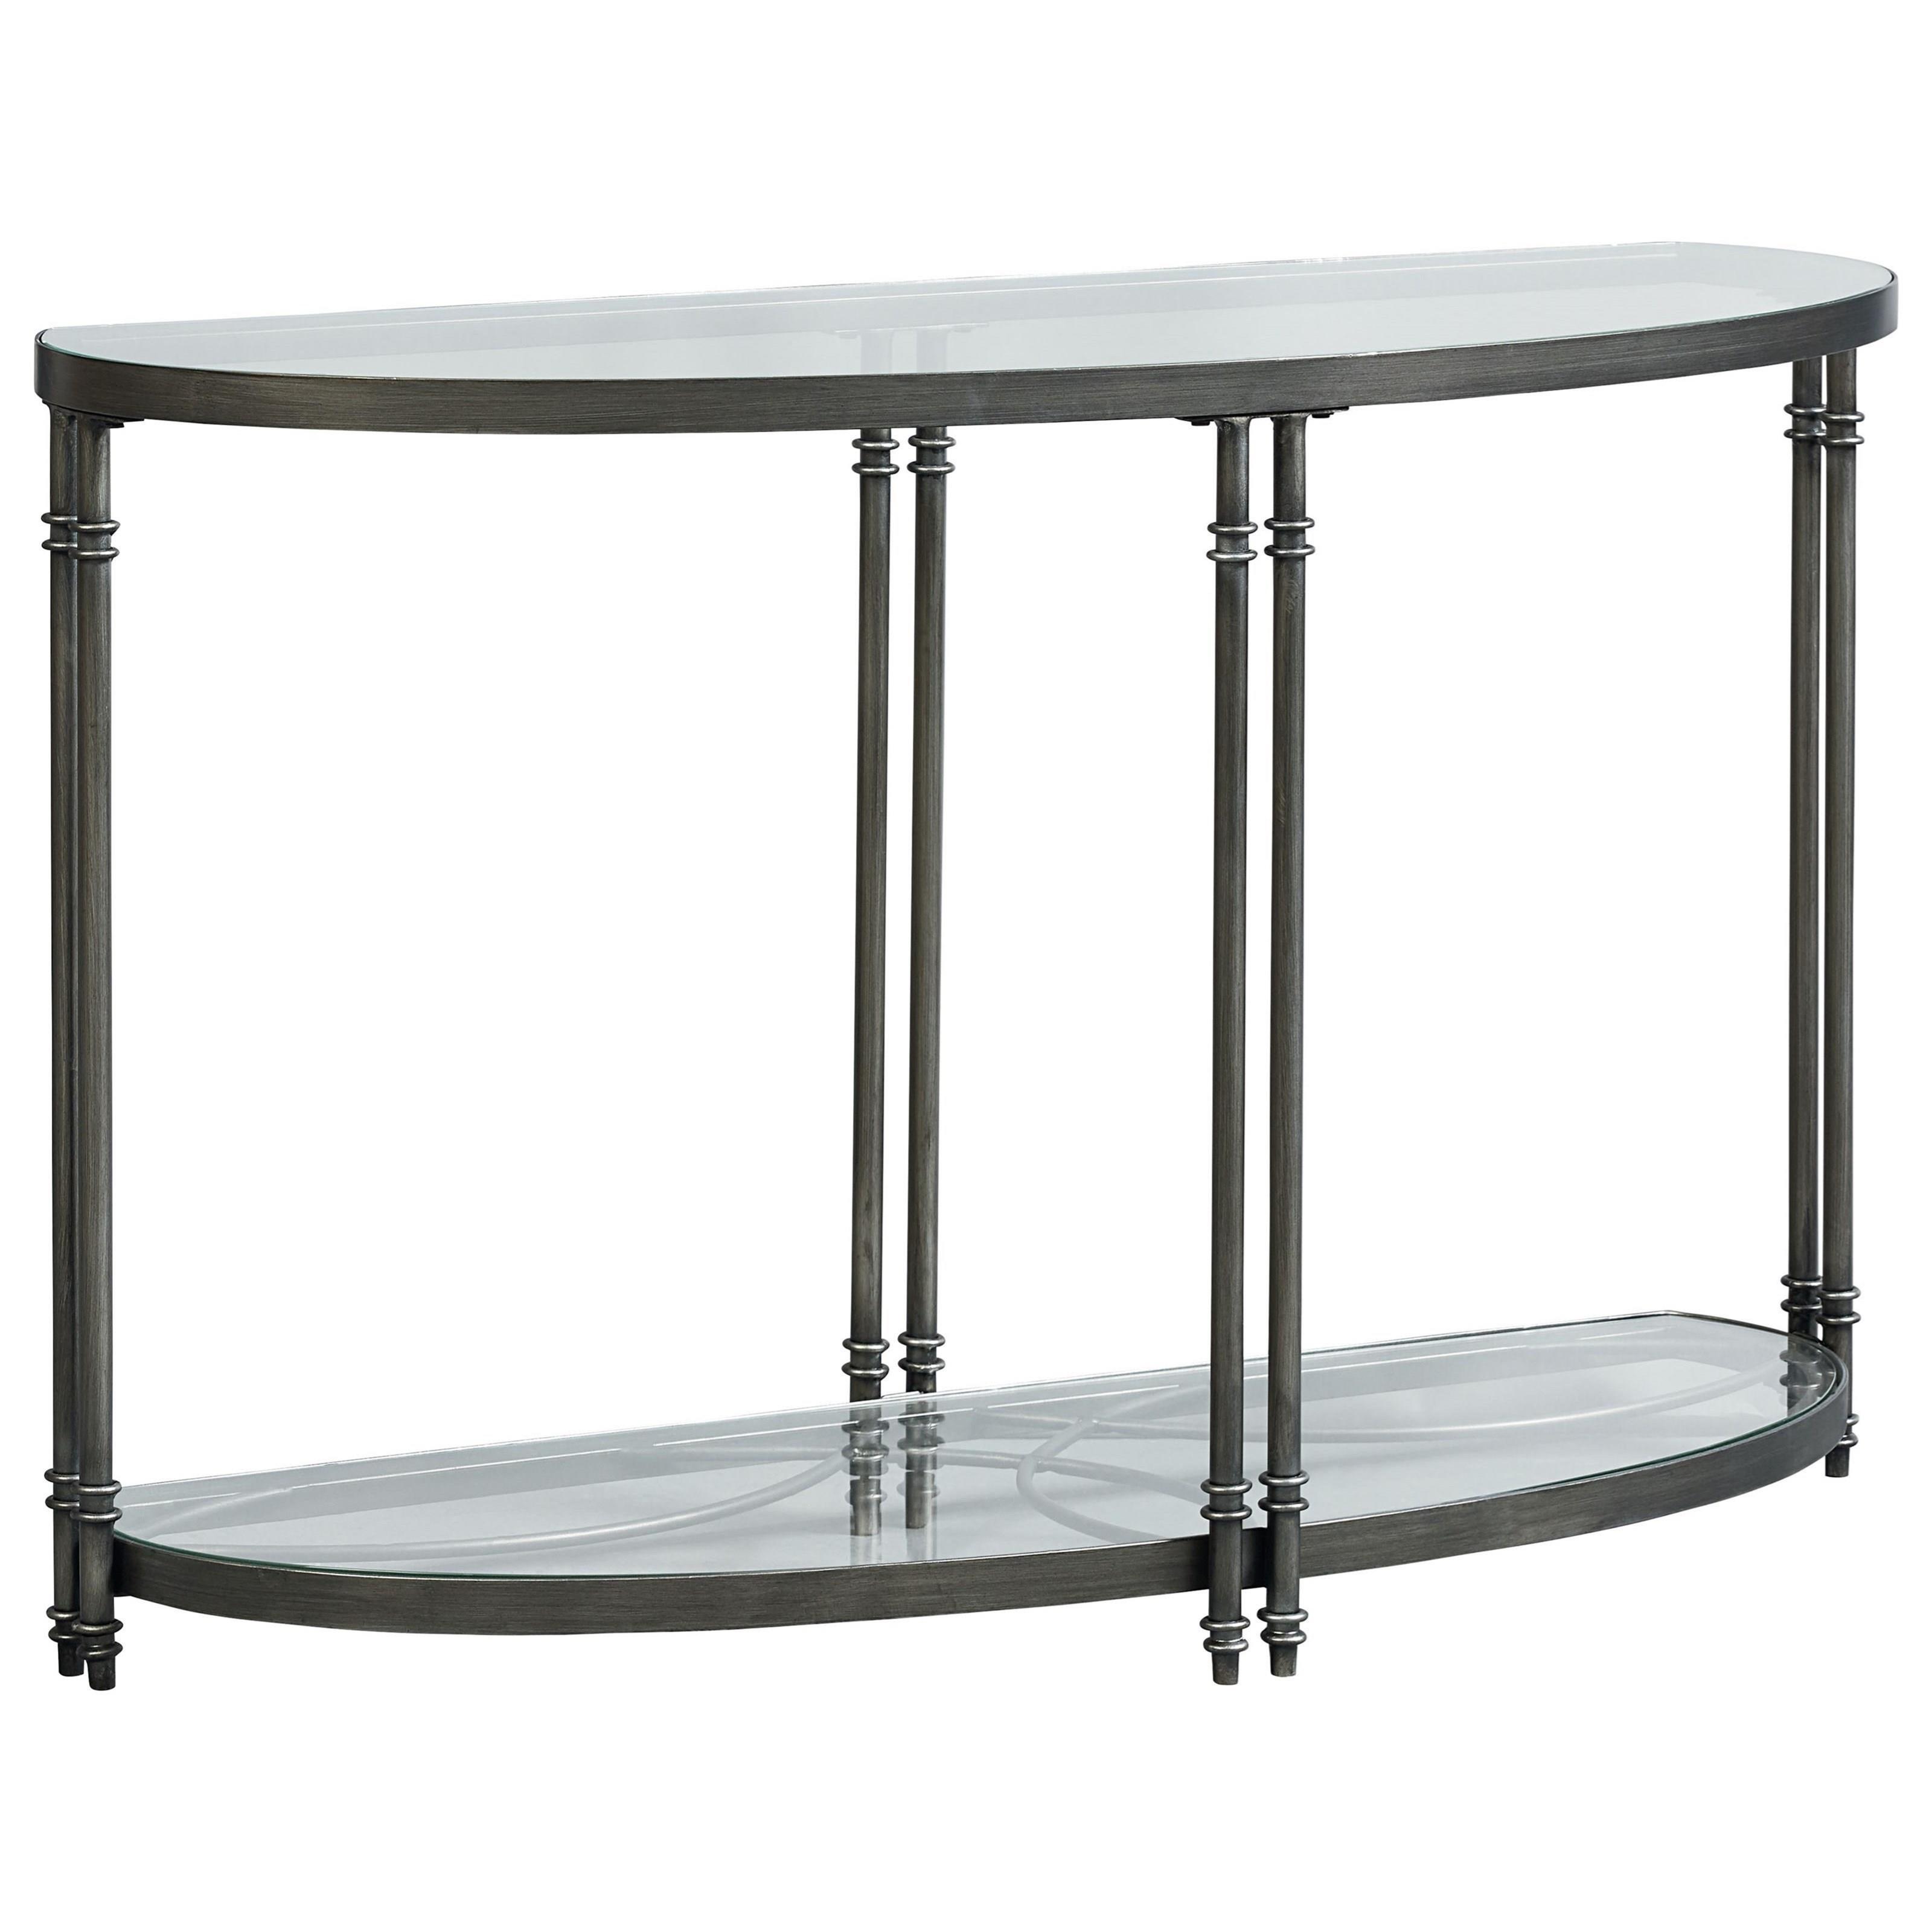 Standard furniture terrazza contemporary demilune